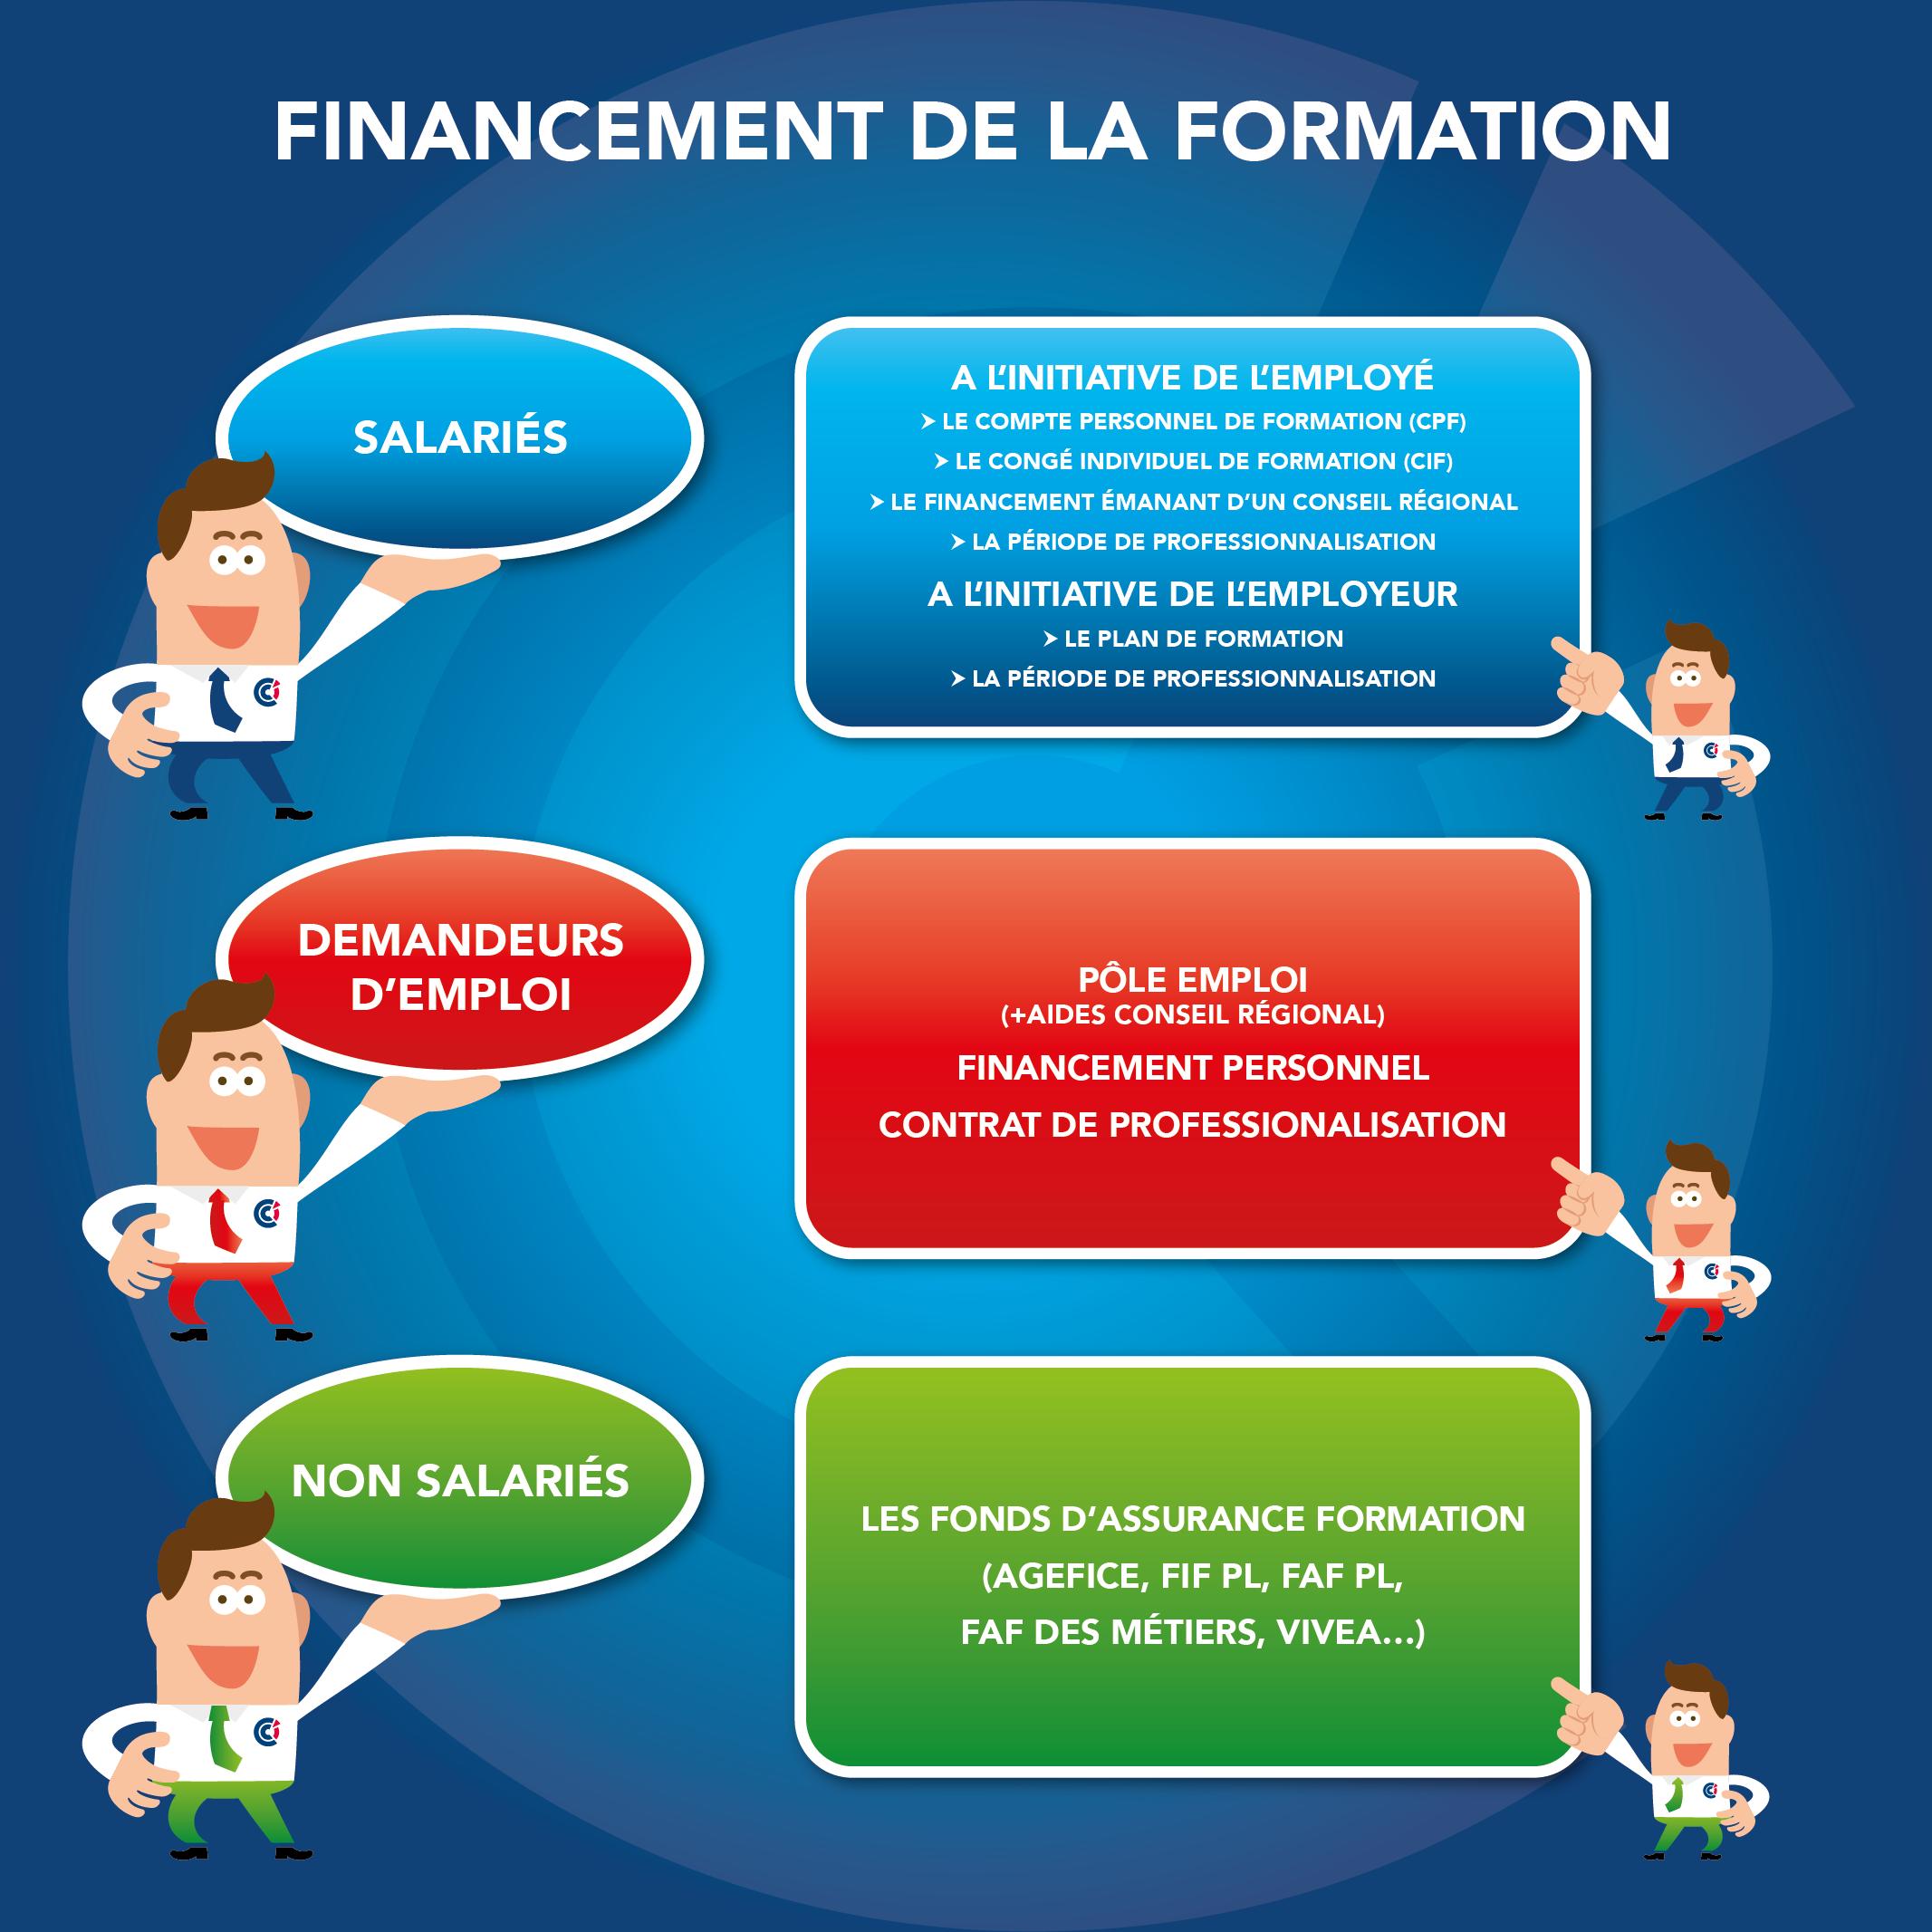 Comment financer au mieux ses projets de formations - Pôle formation entreprise de la CCI du Tarn